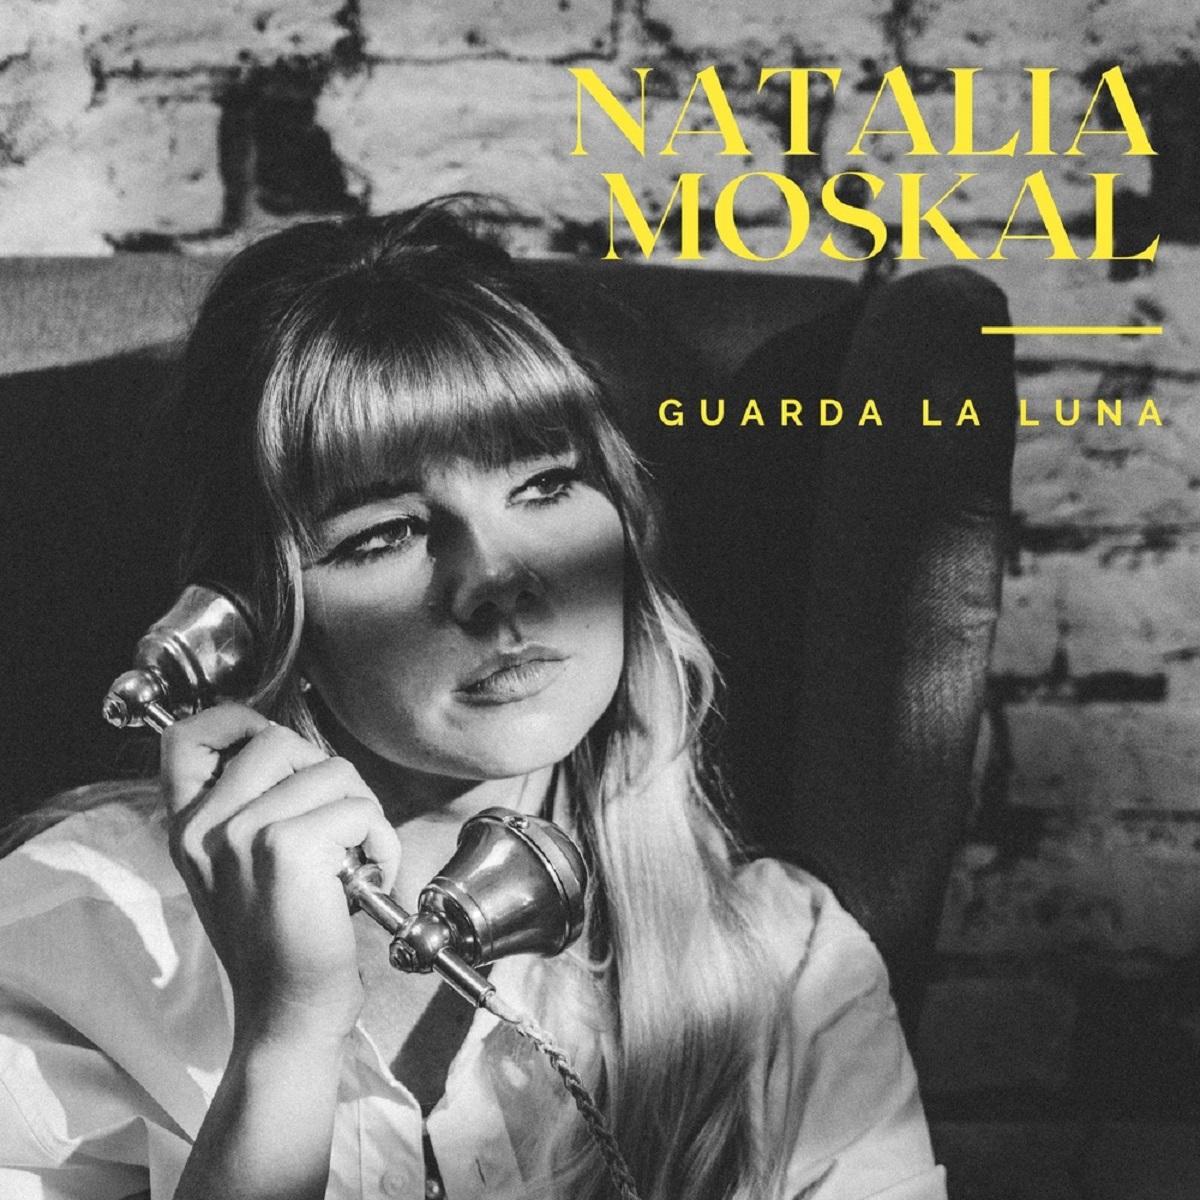 Guarda La Luna nuovo singolo di Natalia Moskal foto